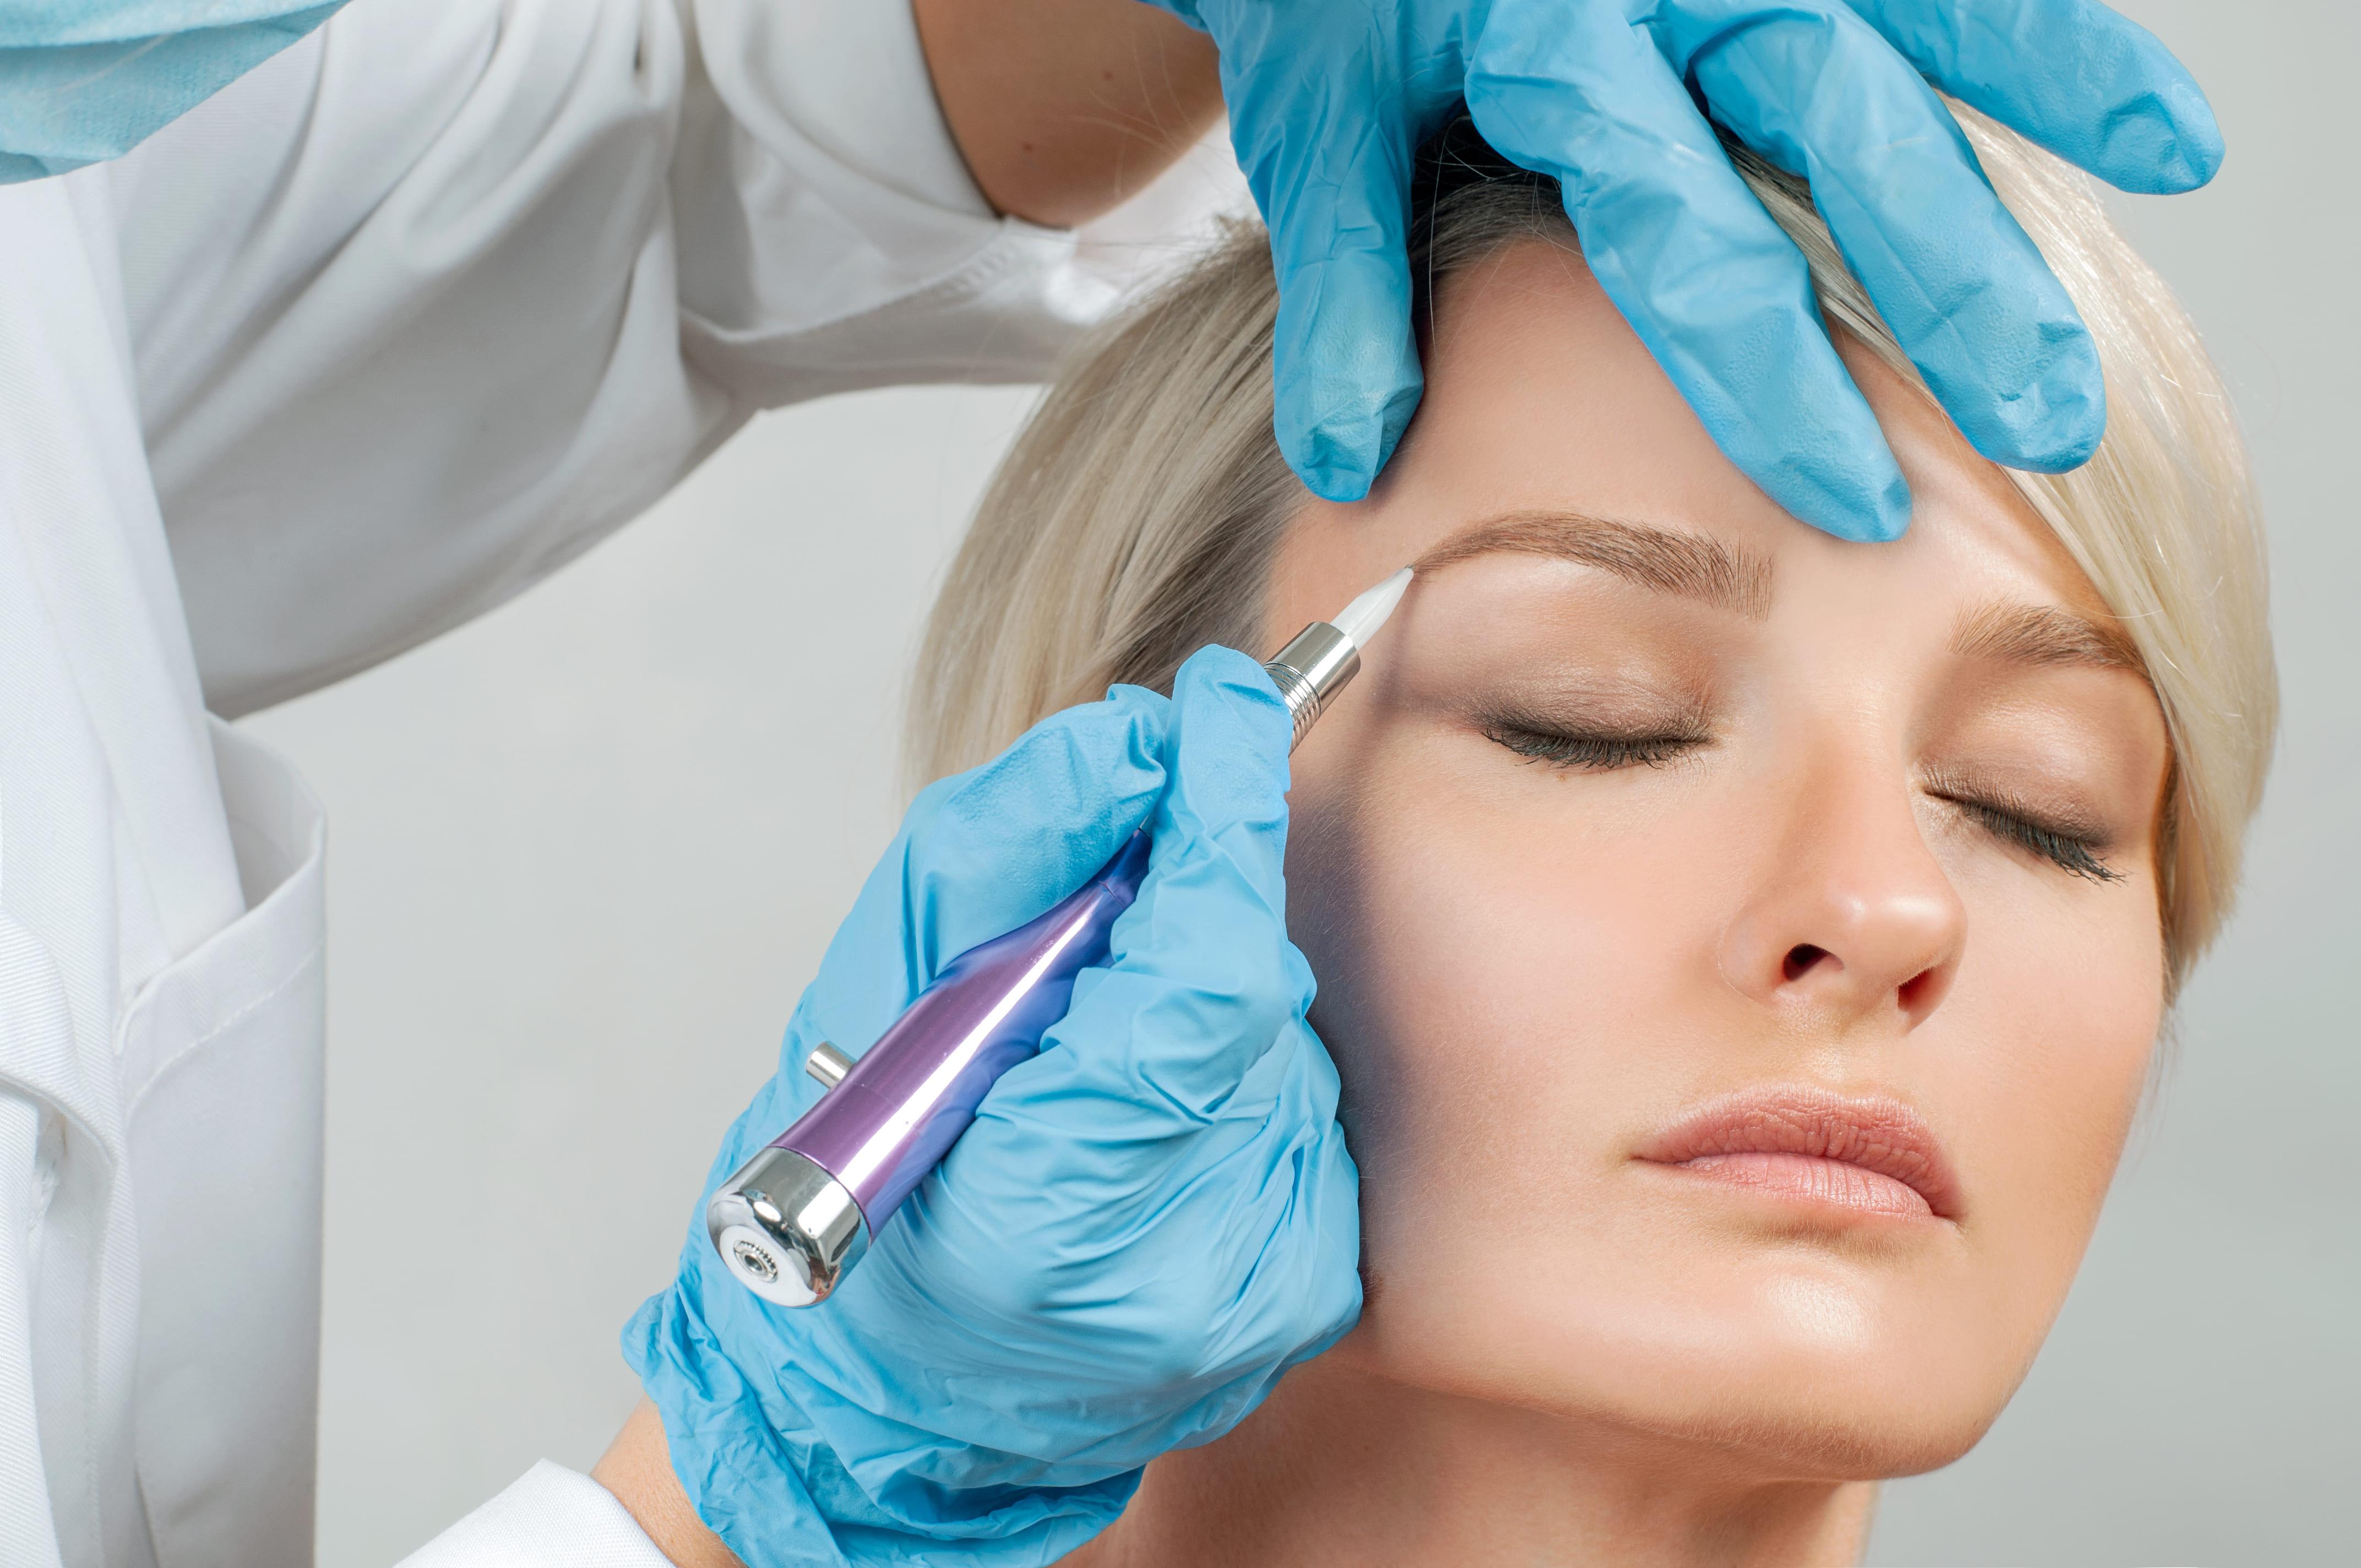 Imagem de uma mulher fazendo a sobrancelha para remeter quem deseja montar um estúdio de design de sobrancelhas